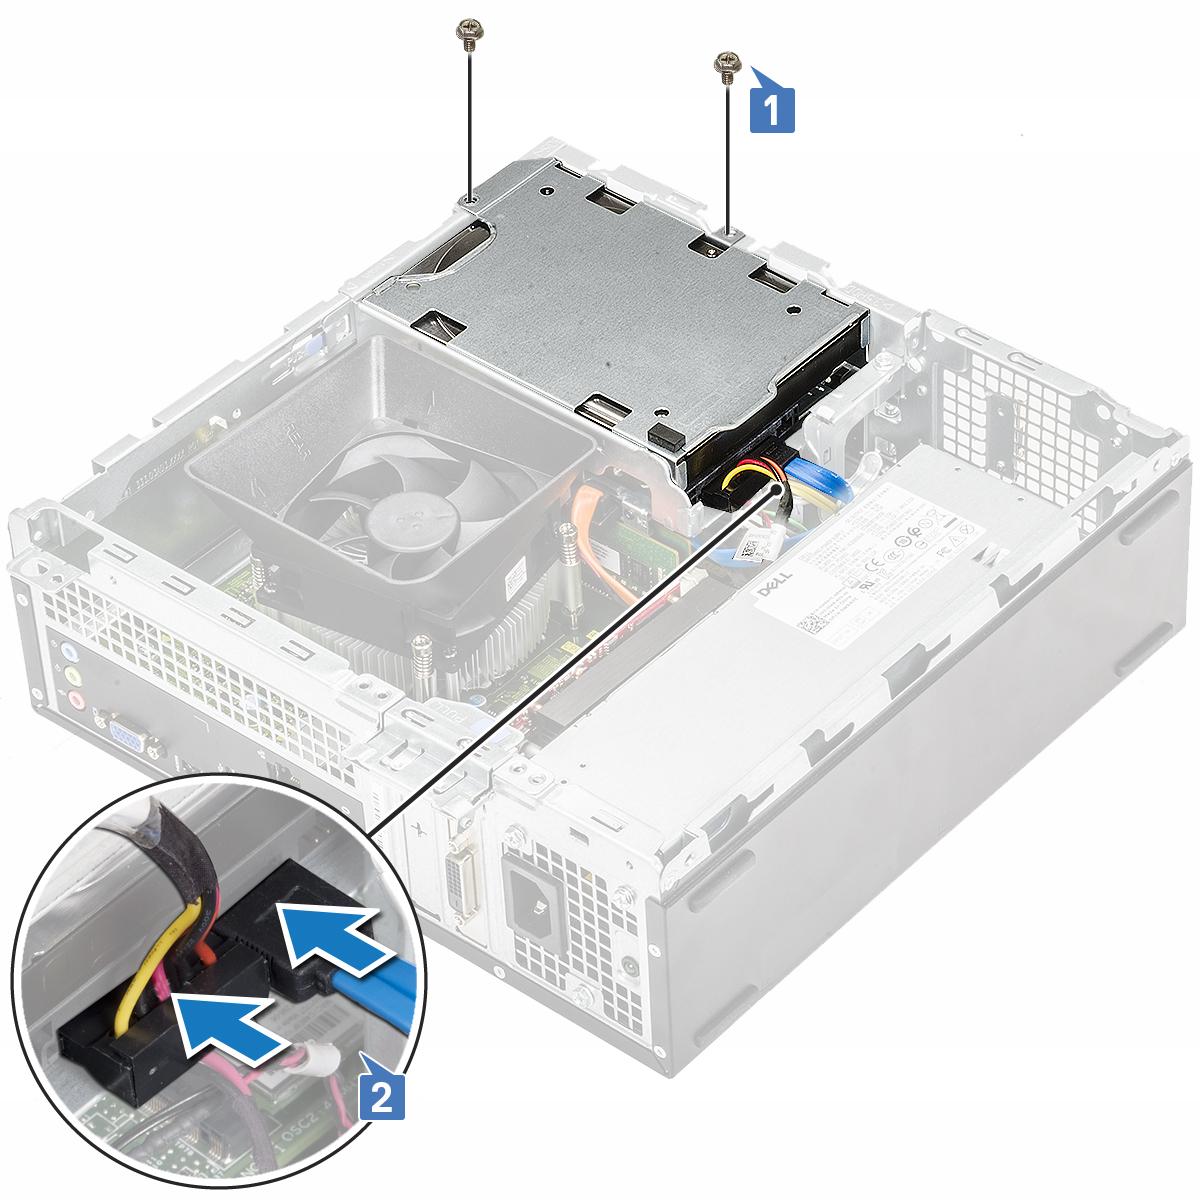 Gambar menunjukkan pemasangan sasis hard disk 3,5-inci